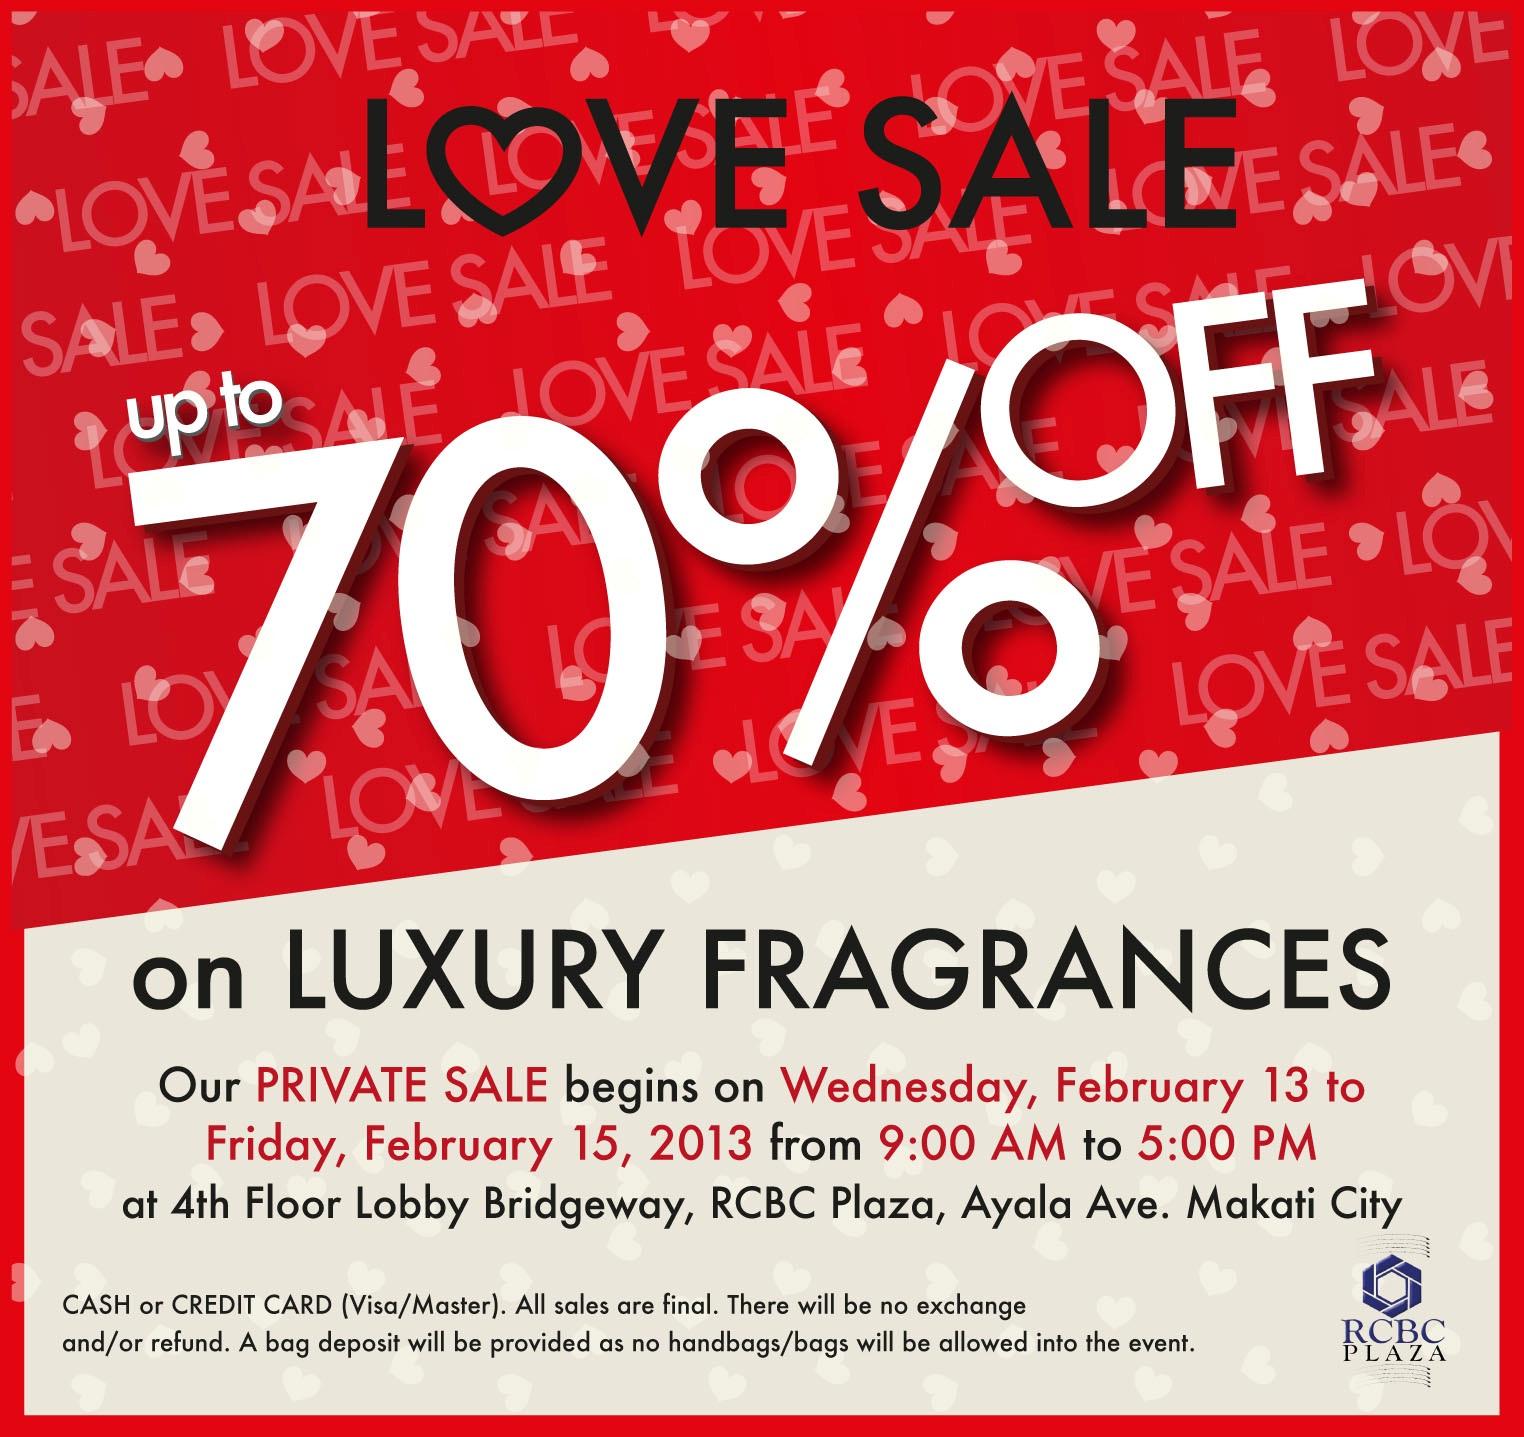 Luxury Fragrances Sale at RCBC Plaza February 2013